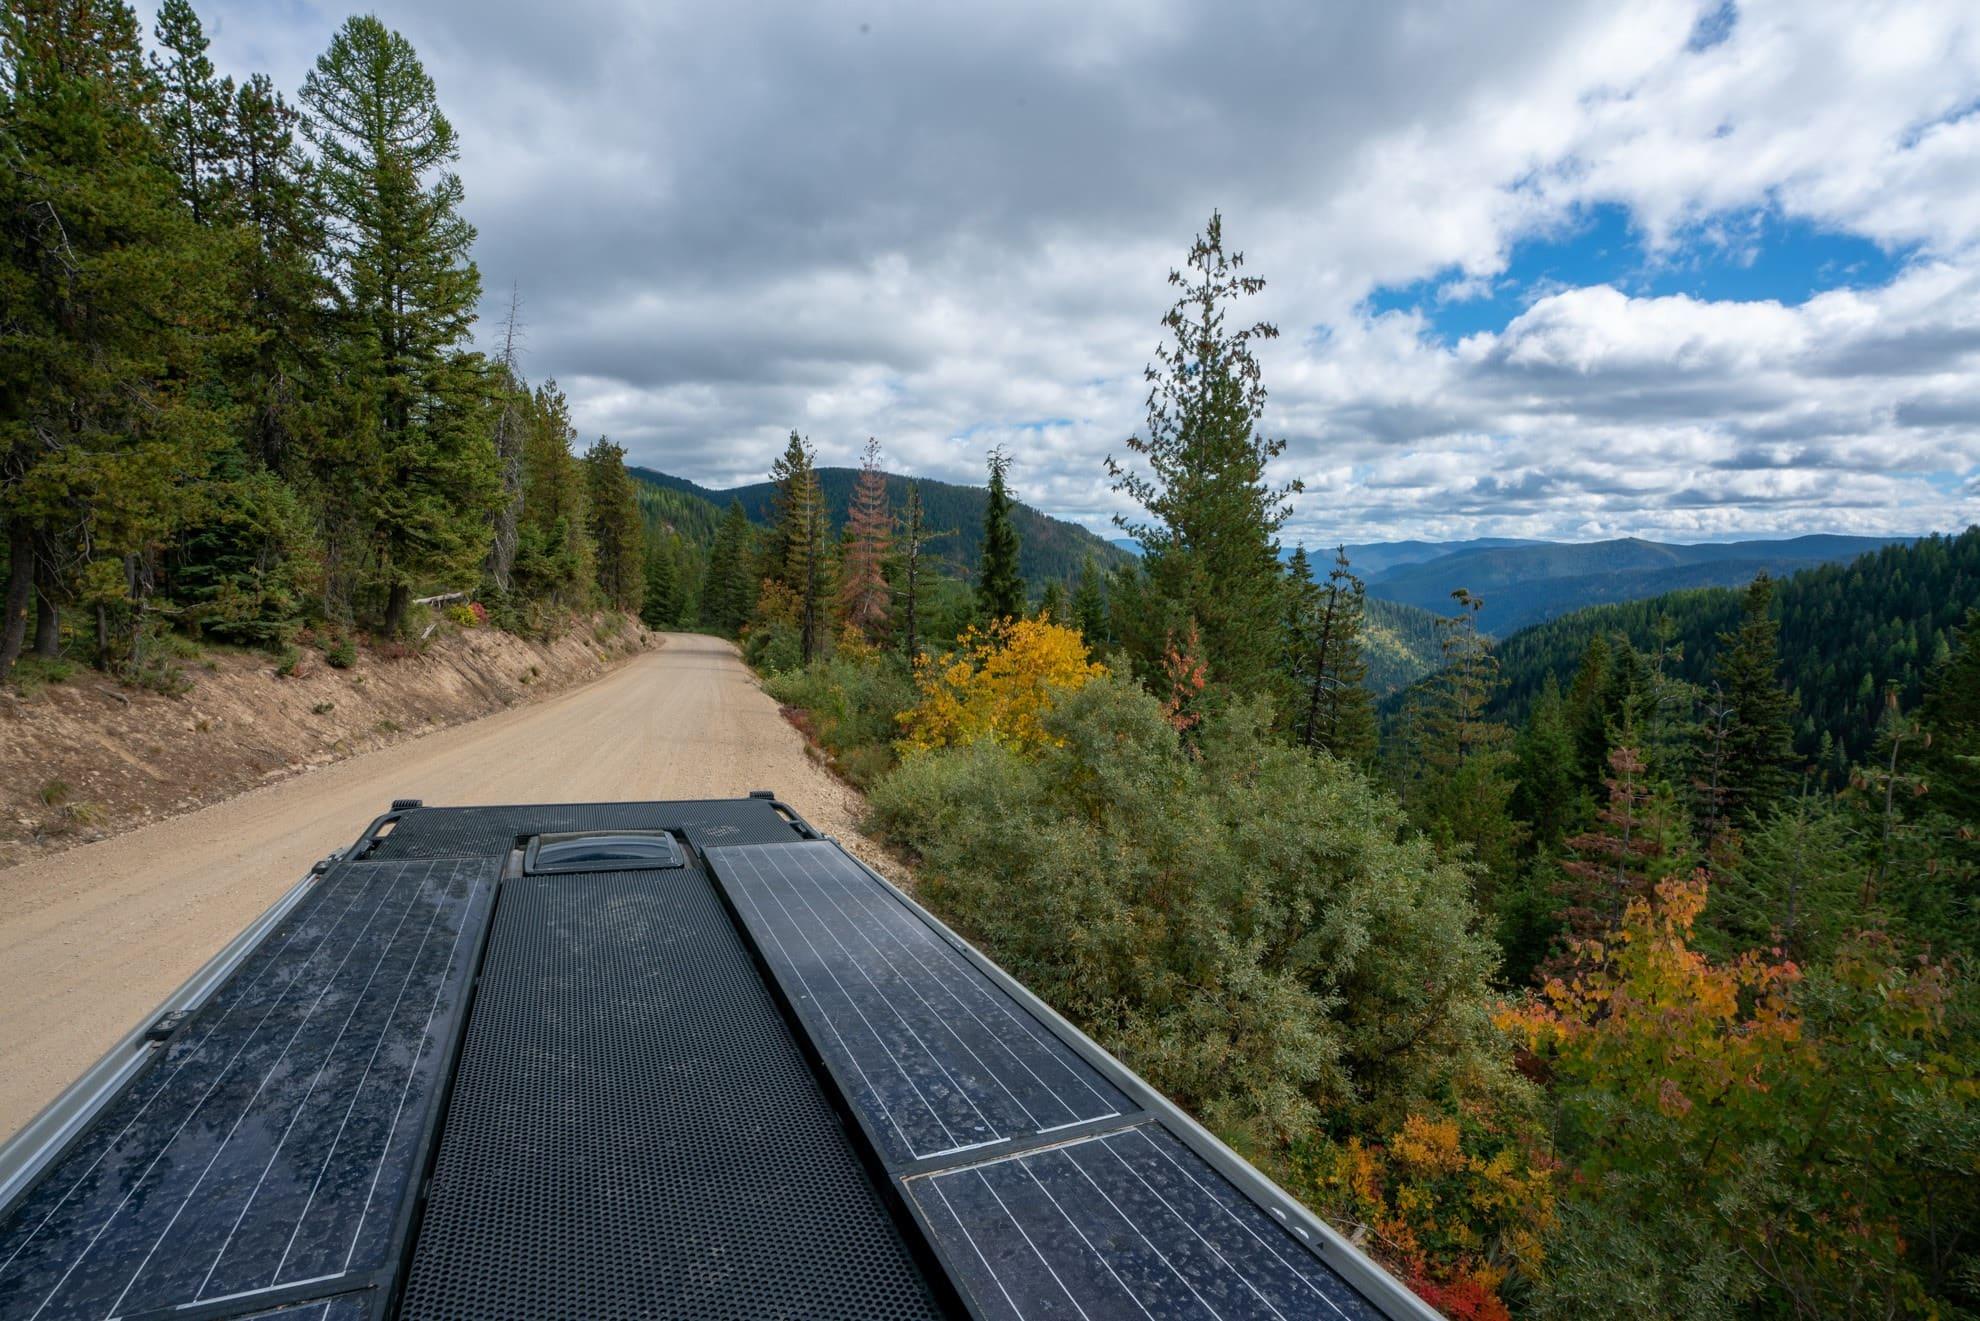 van power systems understanding solar